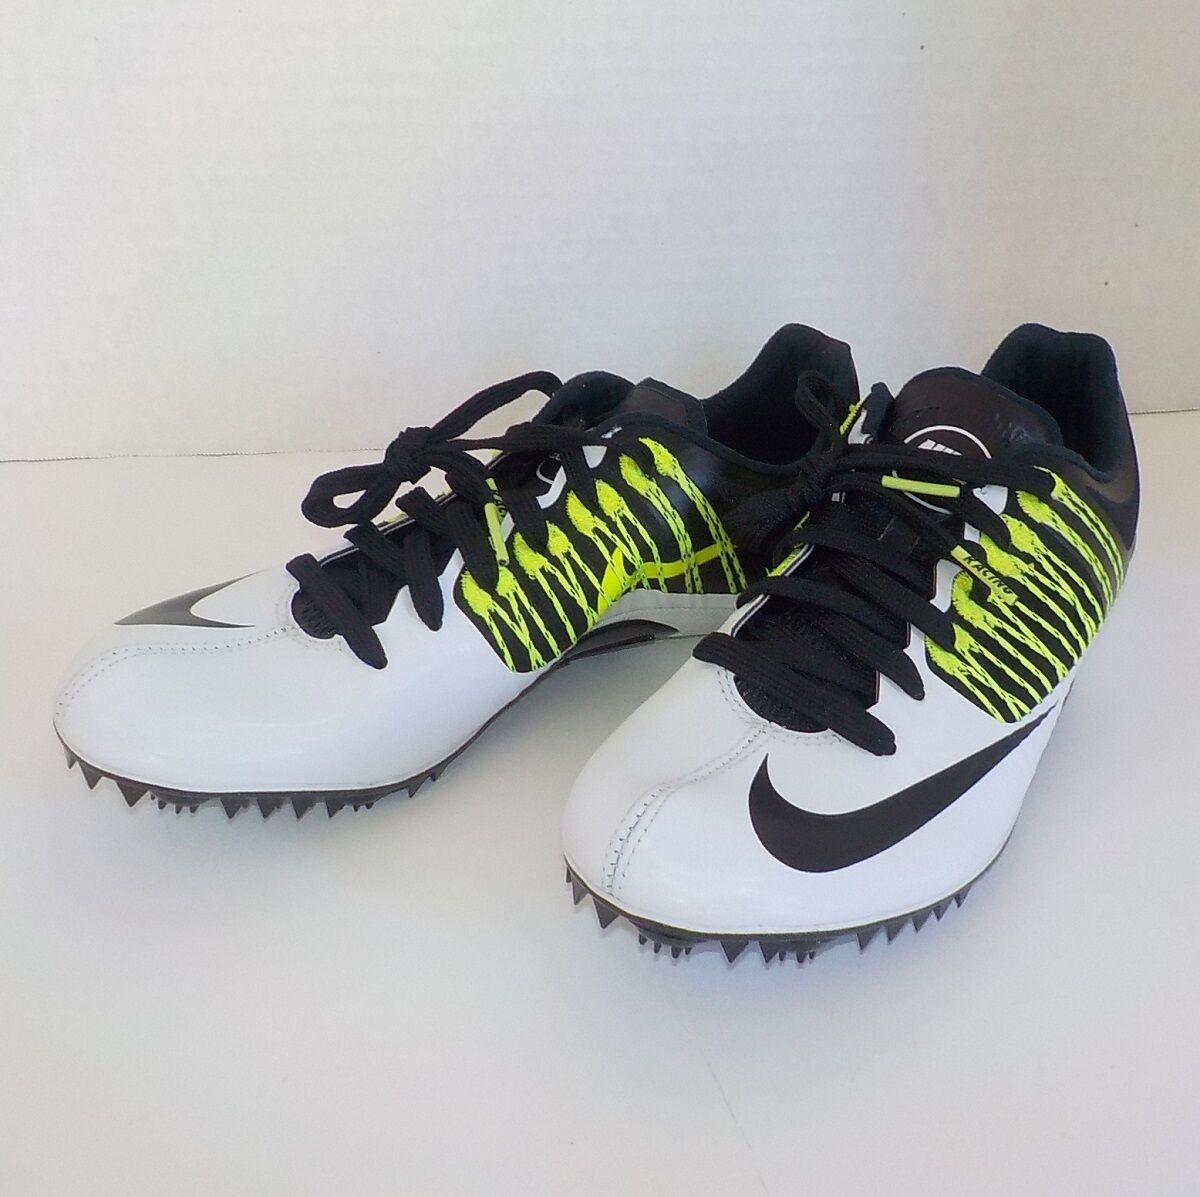 Nike Celar V Sprint shoes BLACK WHITE 629226 107 MEN SIZE 11.5 +Spikes+SRT+Bag